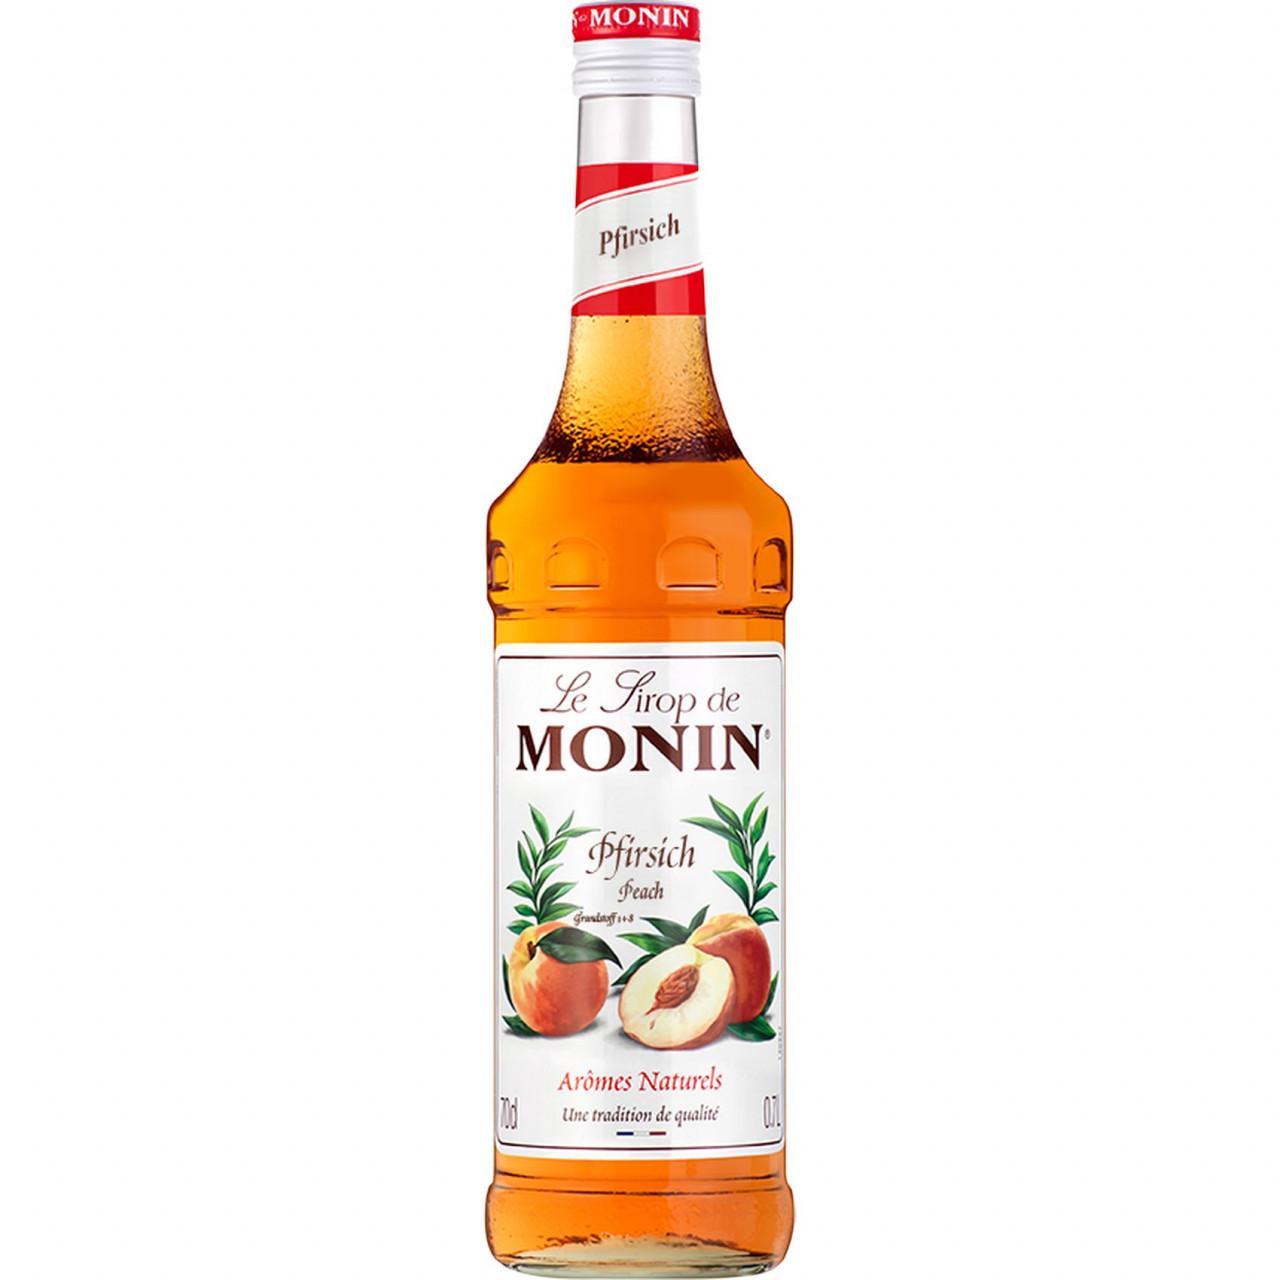 Monin Pfirsichsirup 1x 0,7l